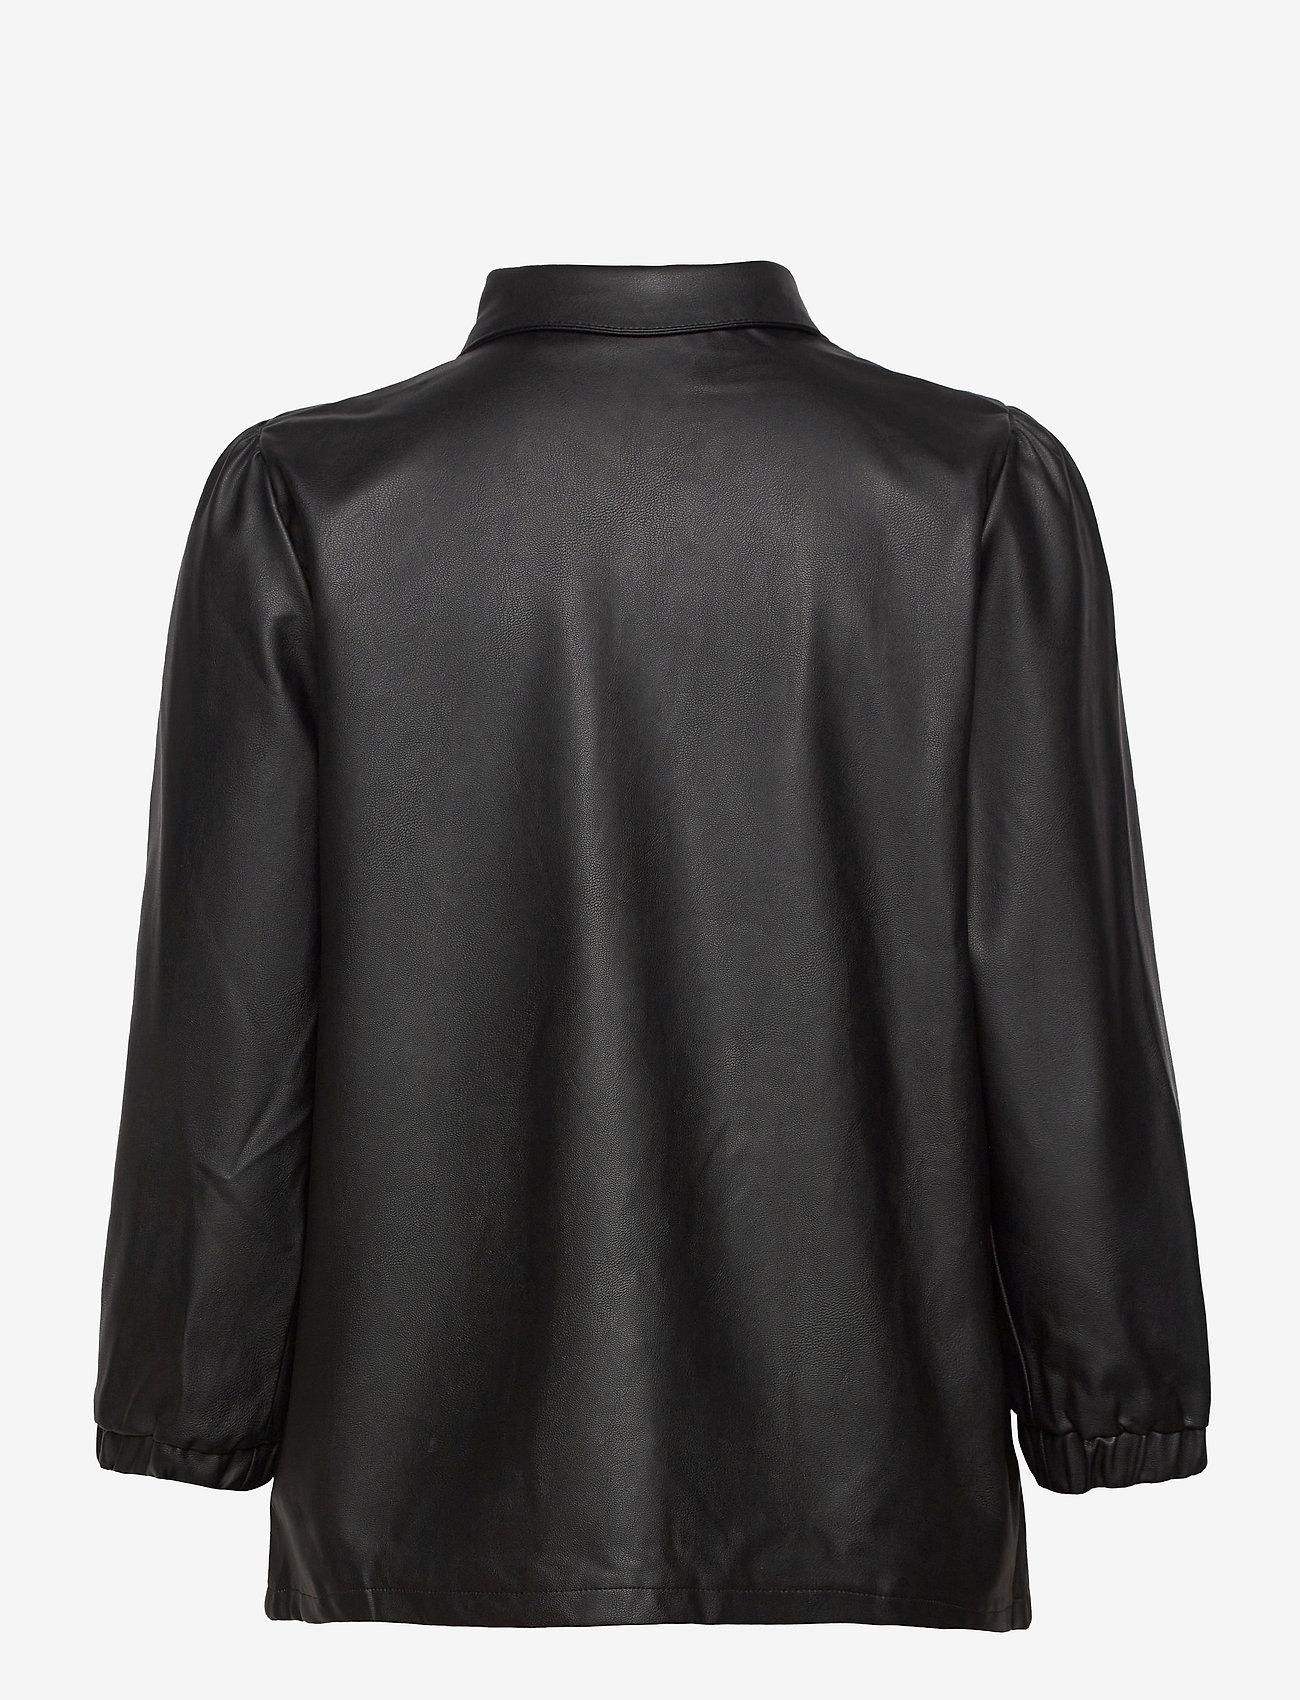 Nubelen Shirt   - Nümph -  Women's Blouses & Shirts Supply